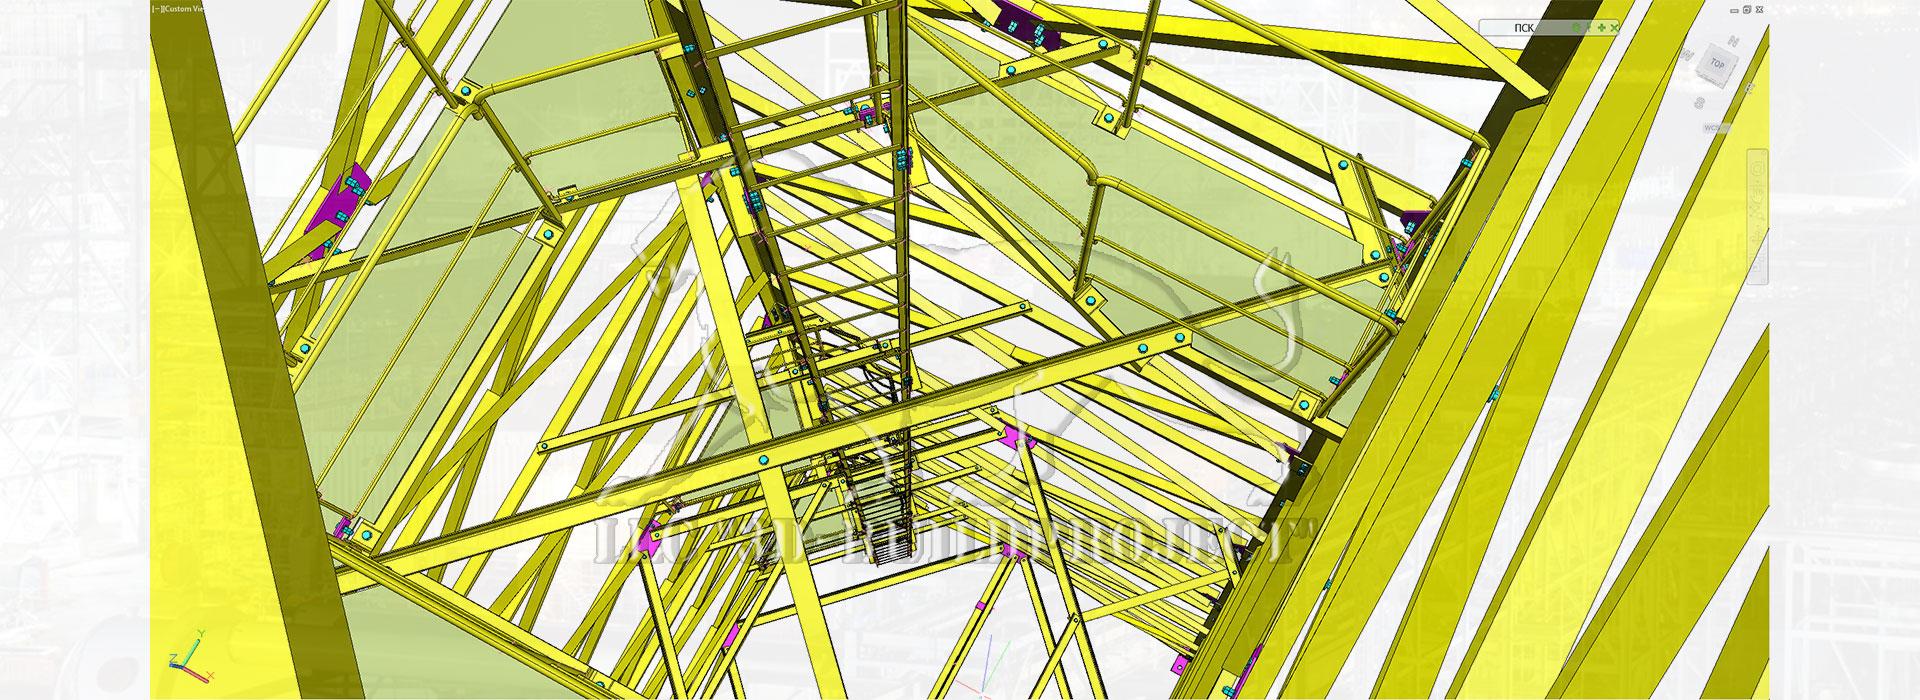 CADпроектирование  Домашняя яхтверфь